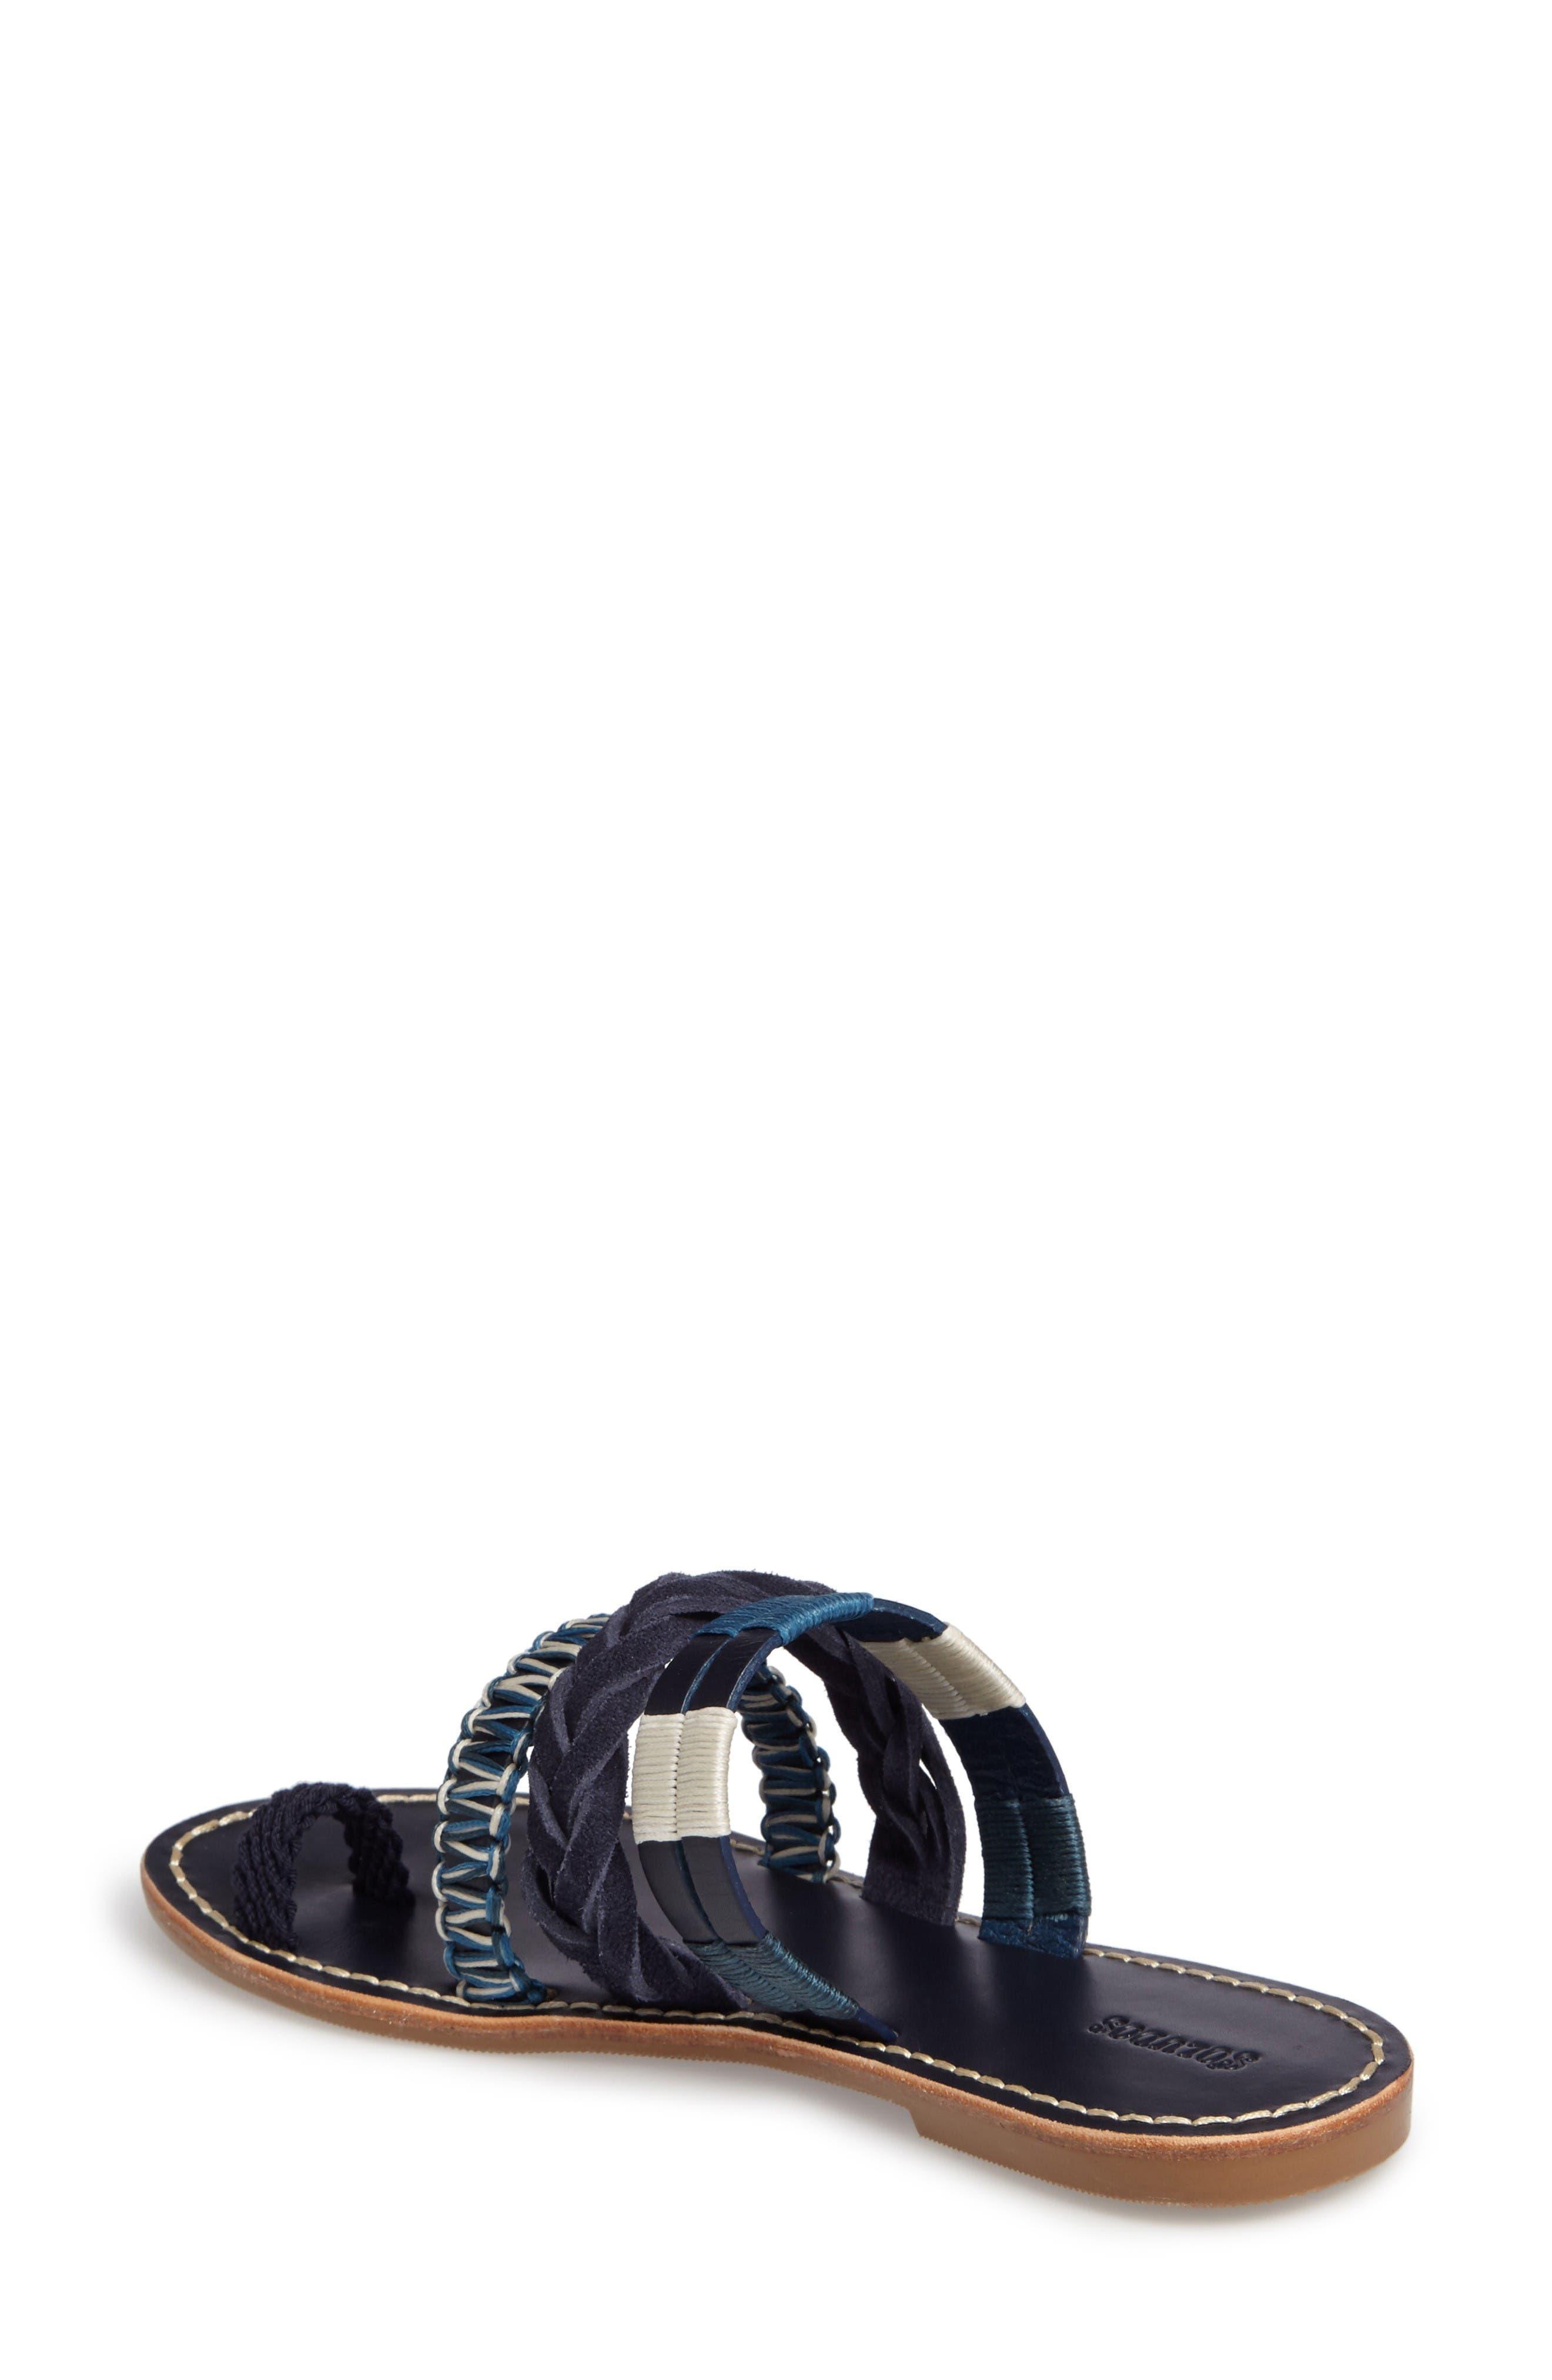 Alternate Image 2  - Soludos Slide Sandal (Women)